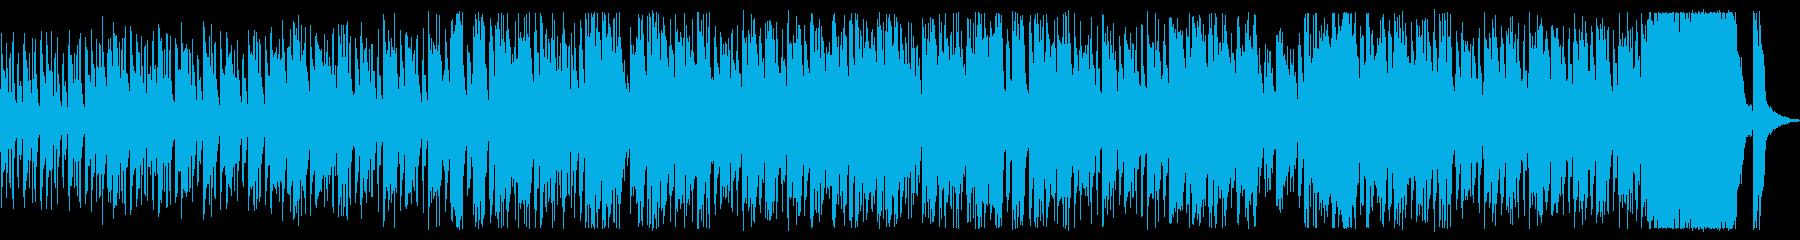 クラシックの名曲をモチーフにしたお囃子。の再生済みの波形